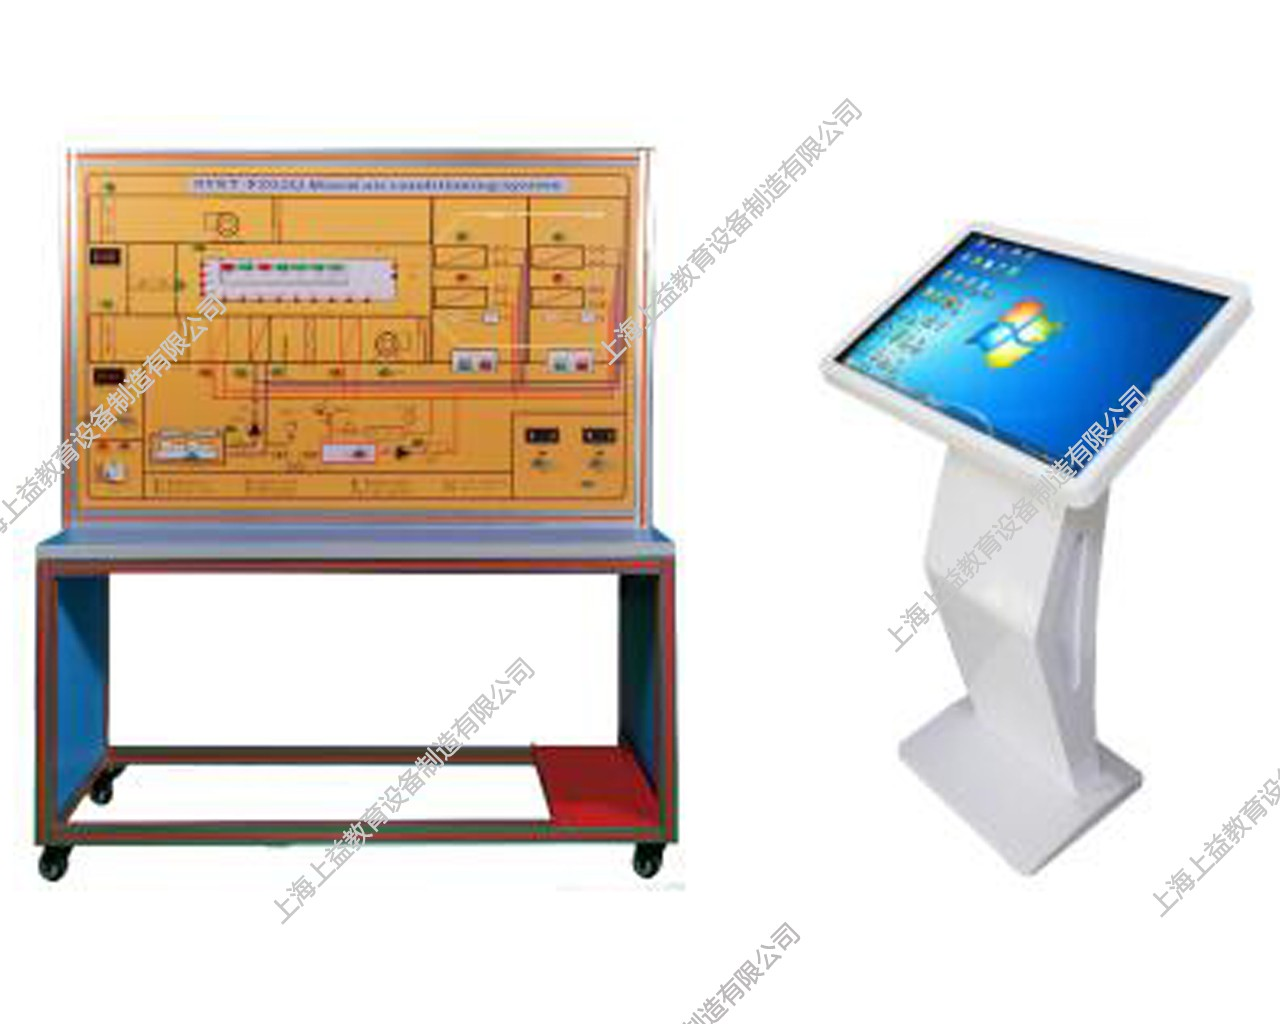 SYKT-FZ02Q型 混合中央空调调节系统(包括软件)